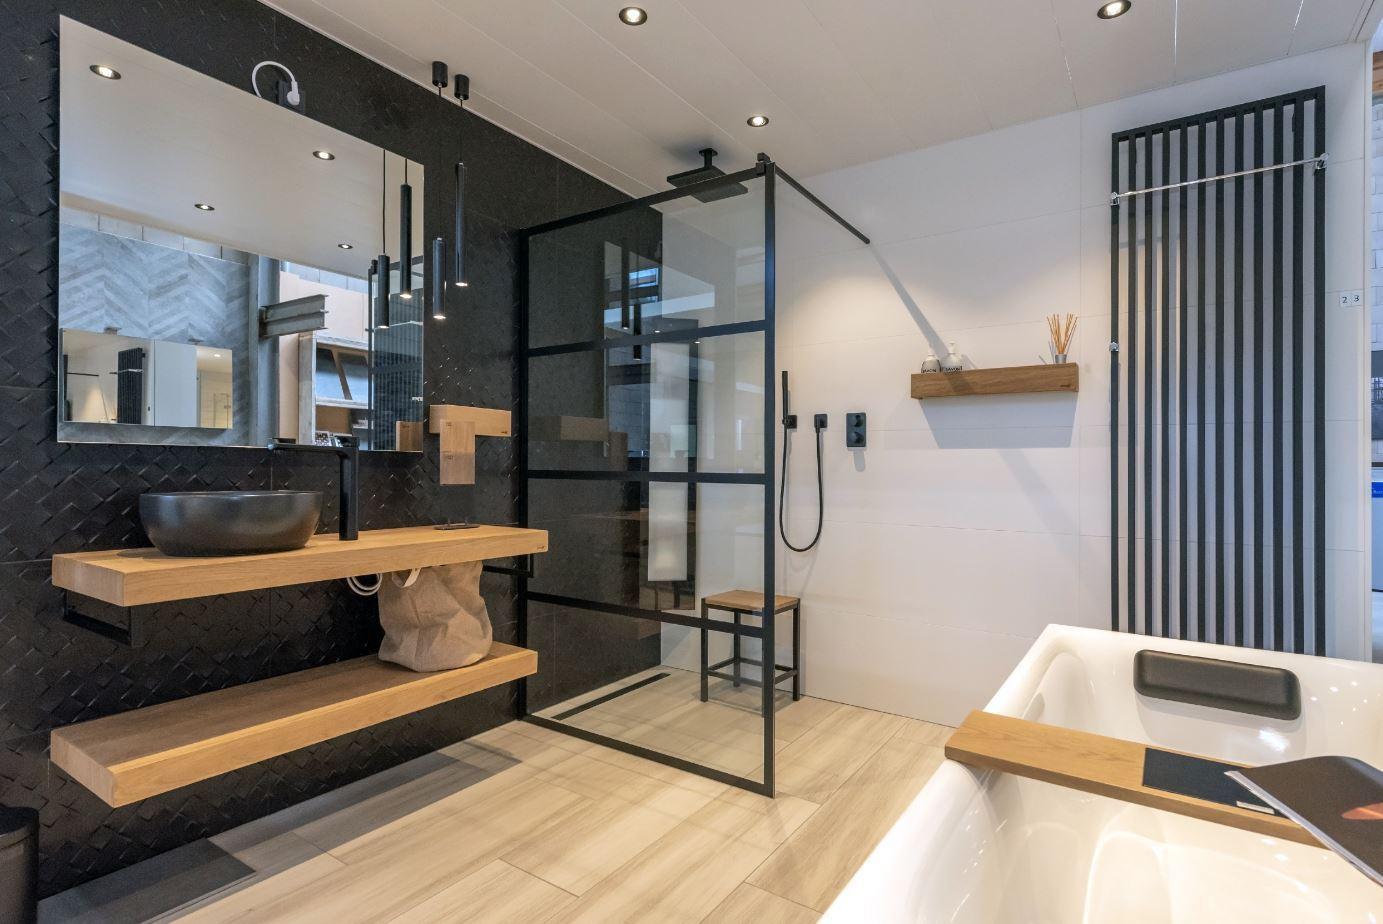 Pure ontspanning, gewoon bij je thuis. Bij Sanidrôme vind je verschillende badkamer opstellingen in verschillende stijlen. Een complete badkamer van A tot Z #sanidrome #badkamer #completebadkamer #badkamerinspiratie #badkameridee #badkamerkopen